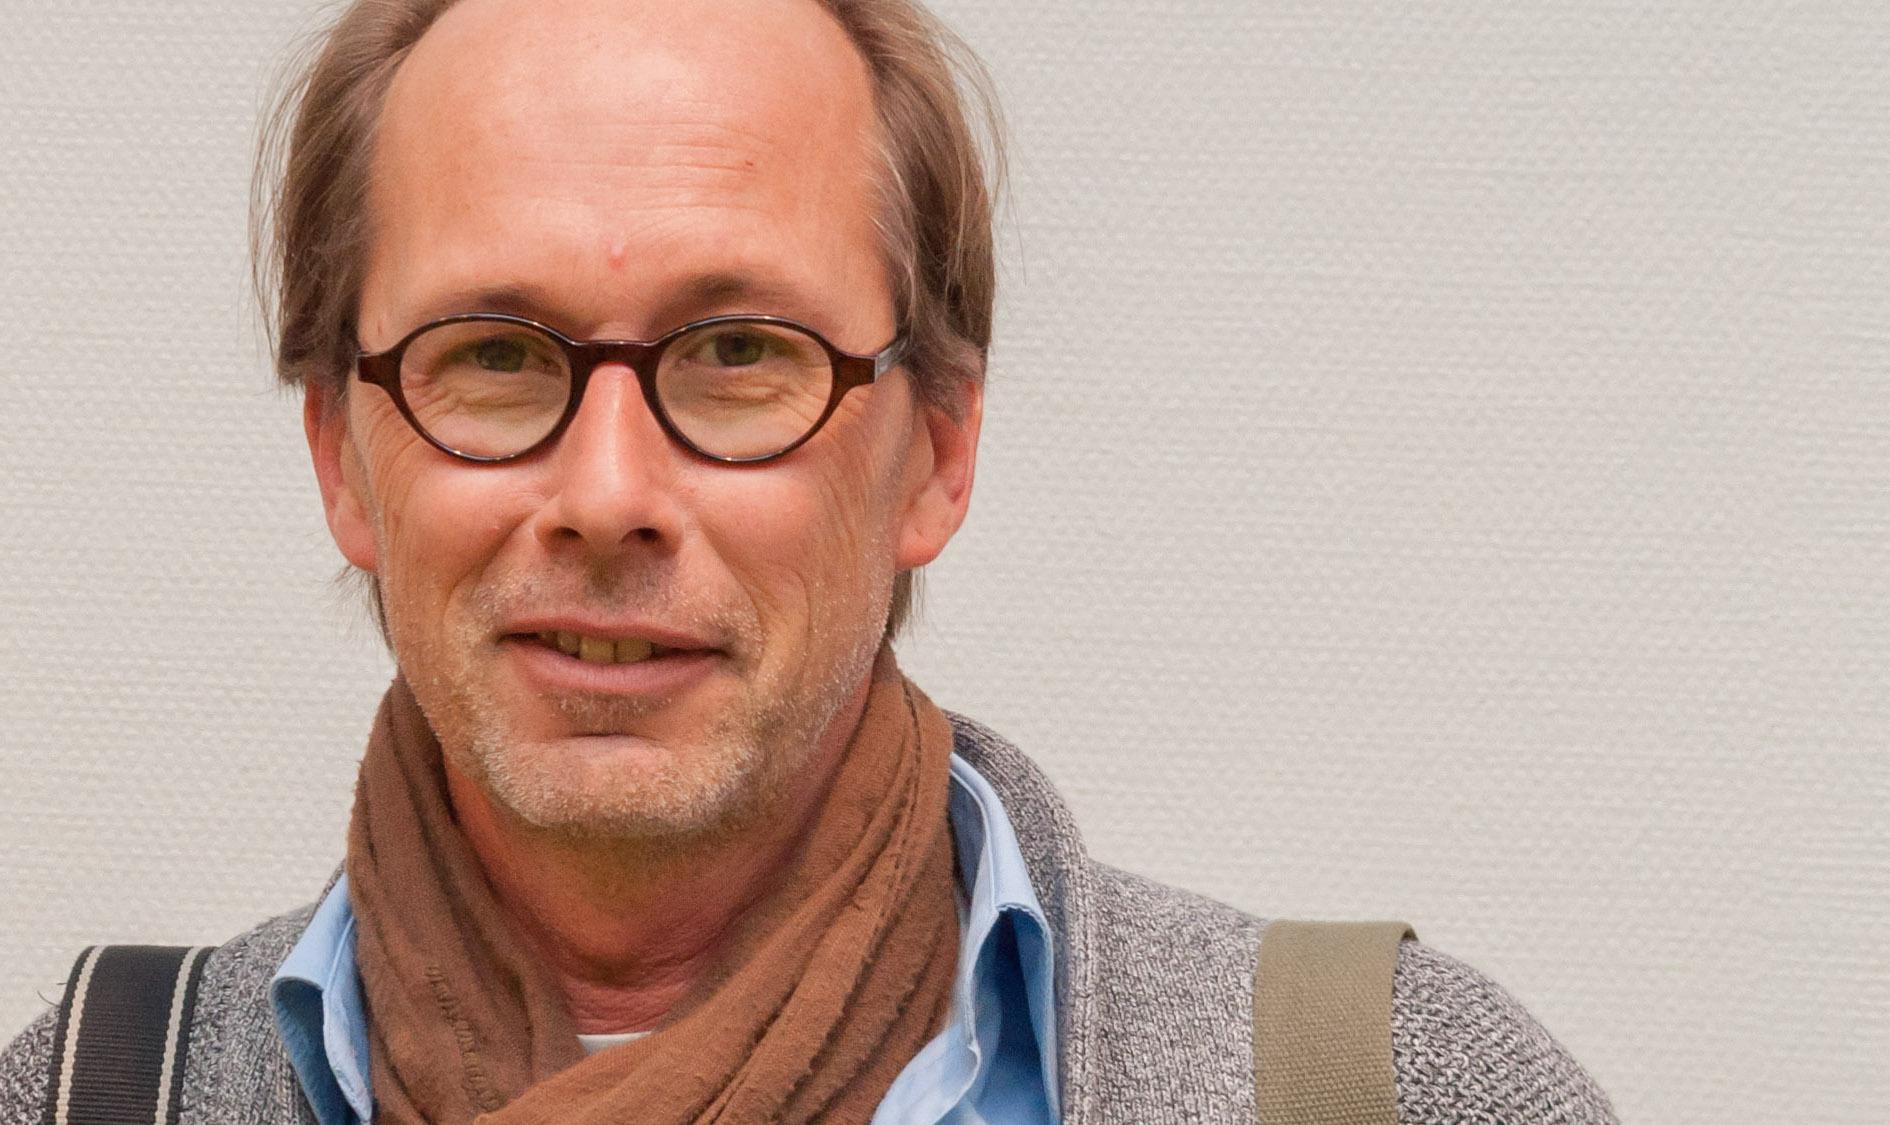 Frank Beuken